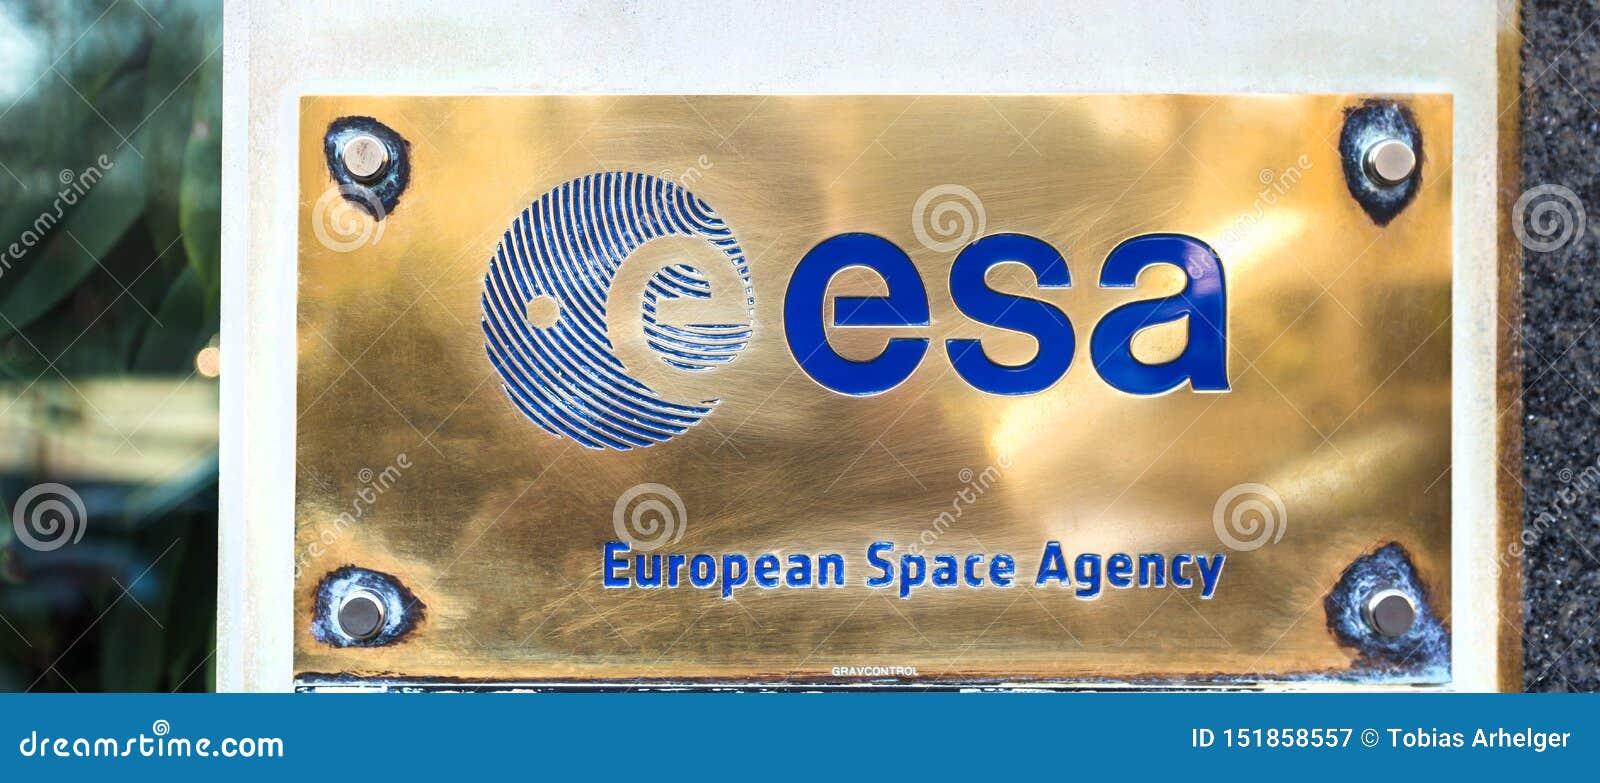 Esa european space agency sign in brussels belgium